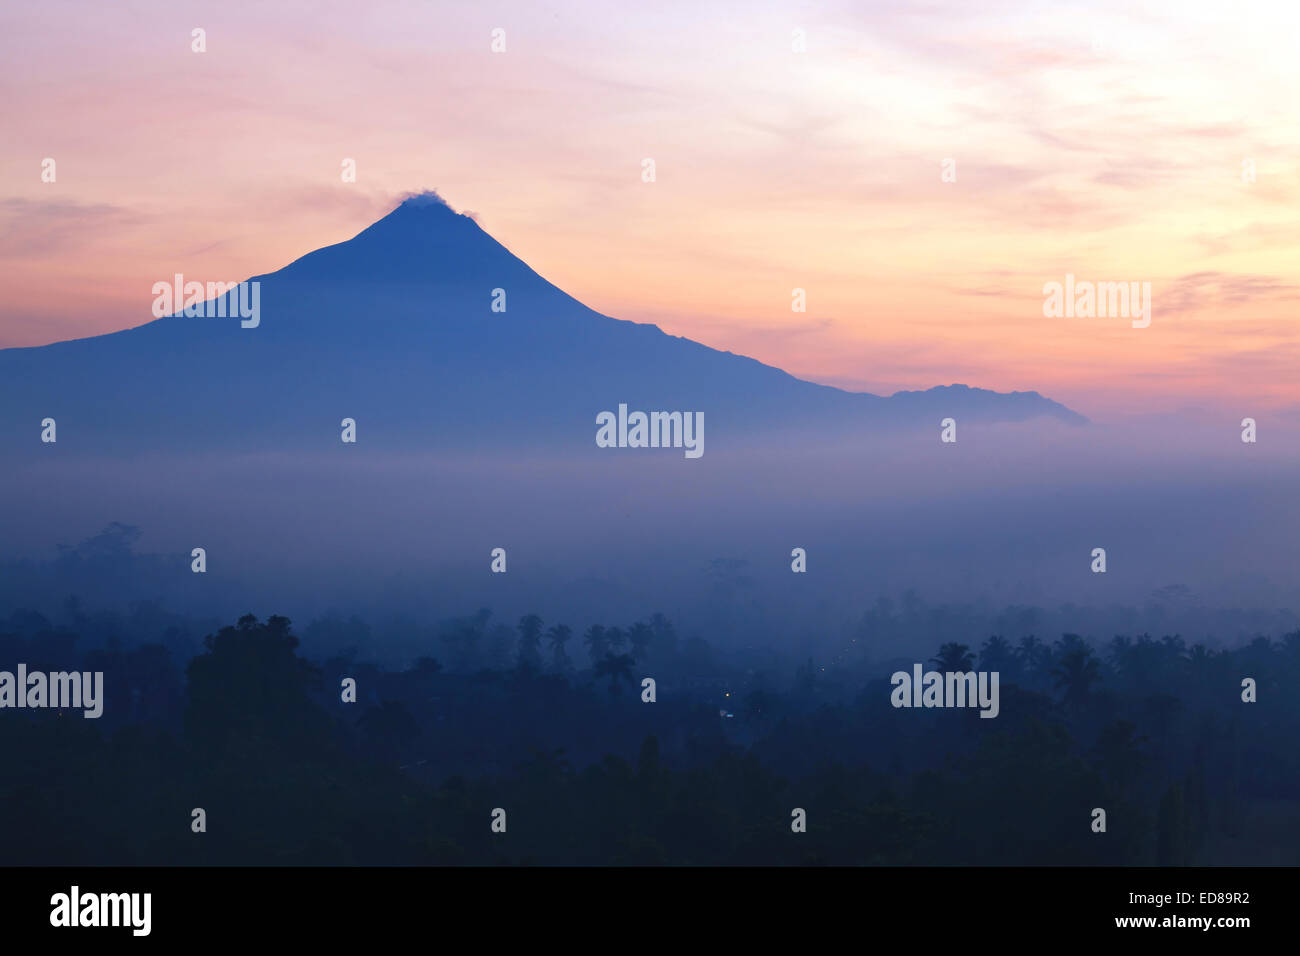 Sunrise Mountain Landscape of Mount Merapi Volcano from Borobudur Yogyakarta Indonesia - Stock Image